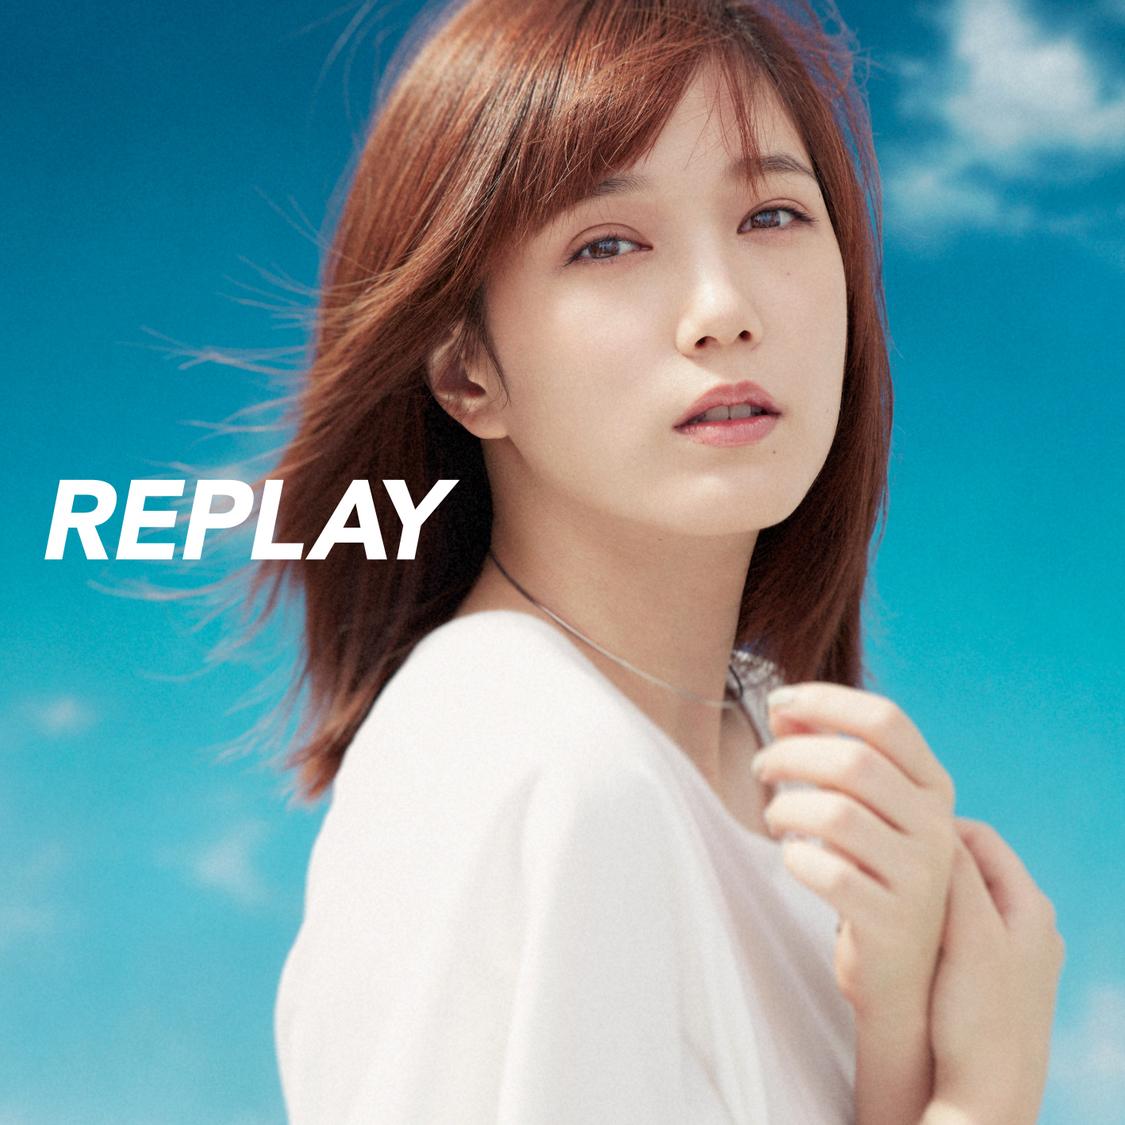 本田翼、爽やかさを追求したビジュアルで魅せる! 『REPLAY 〜再び想う、きらめきのストーリー〜』CDジャケット登場